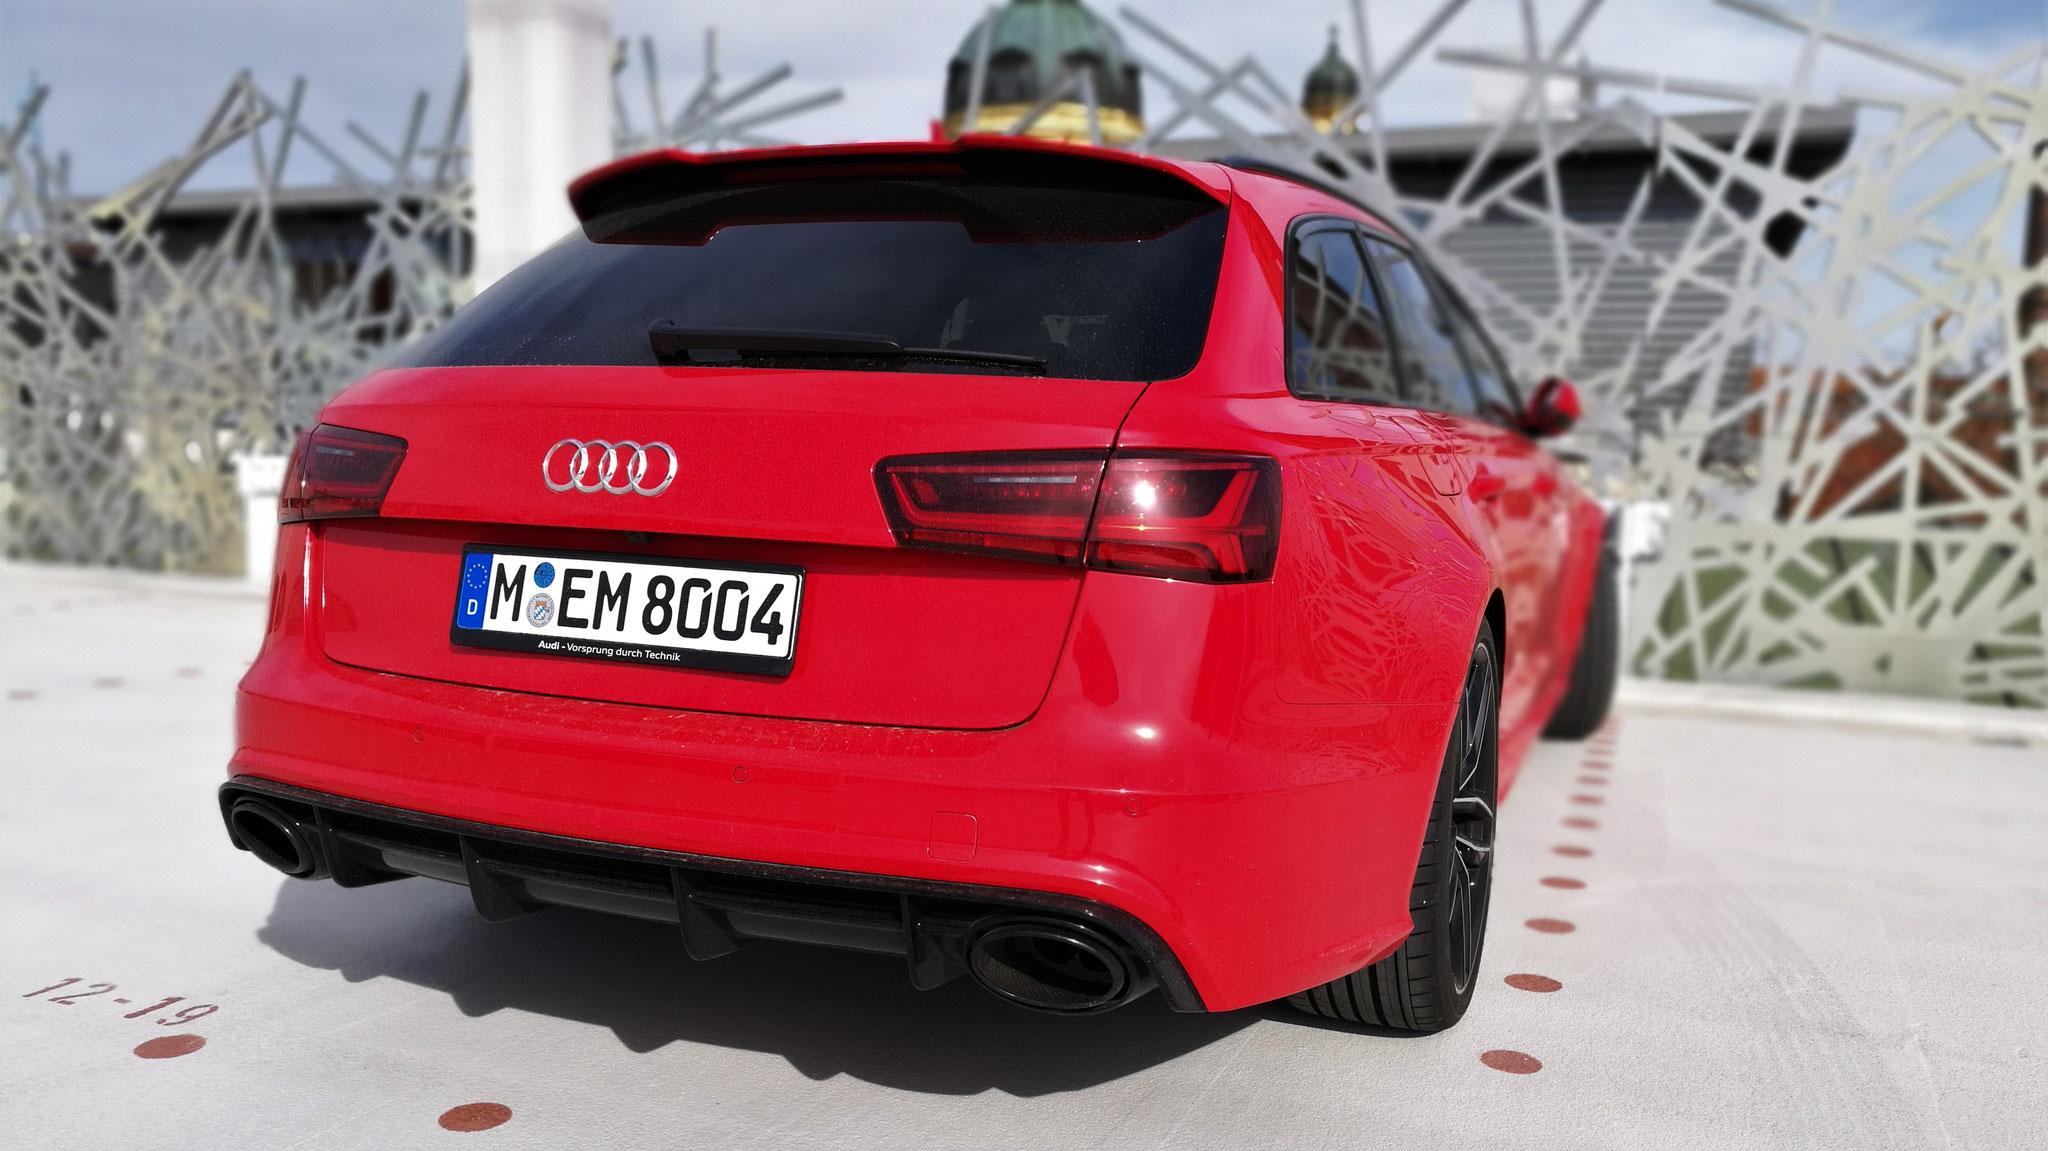 Audi RS6 - M-EM-8004